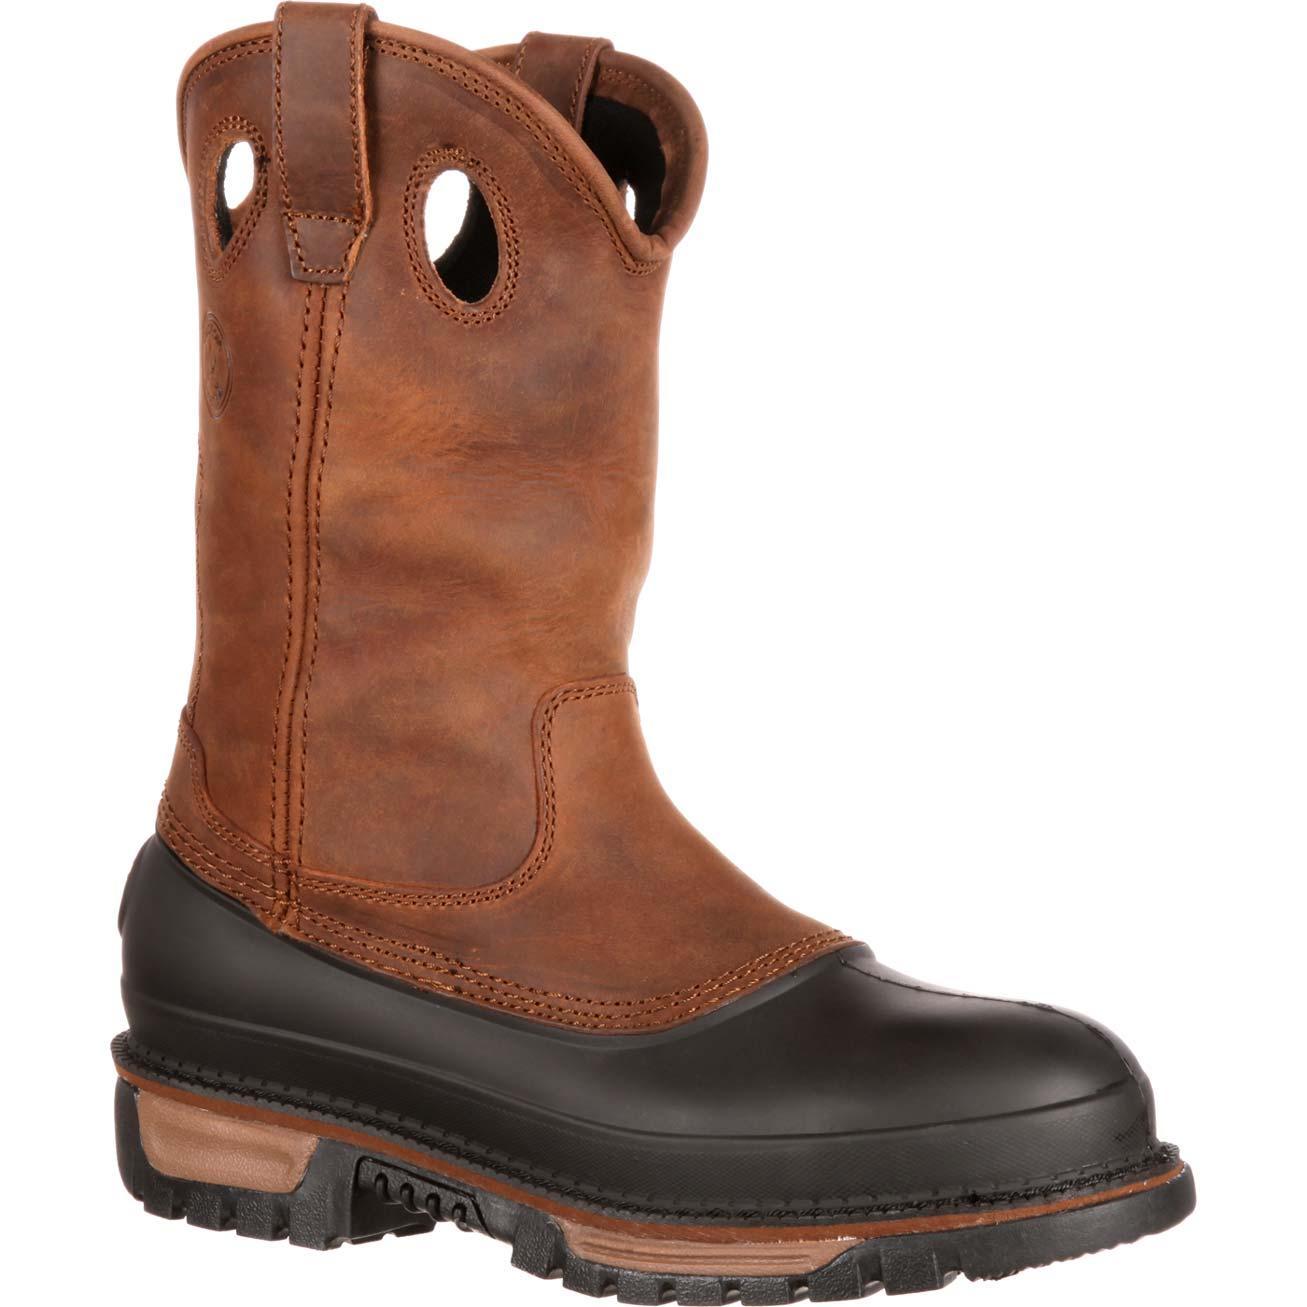 wellington boots georgia boot muddog steel toe waterproof wellington, , large VRBTEGK